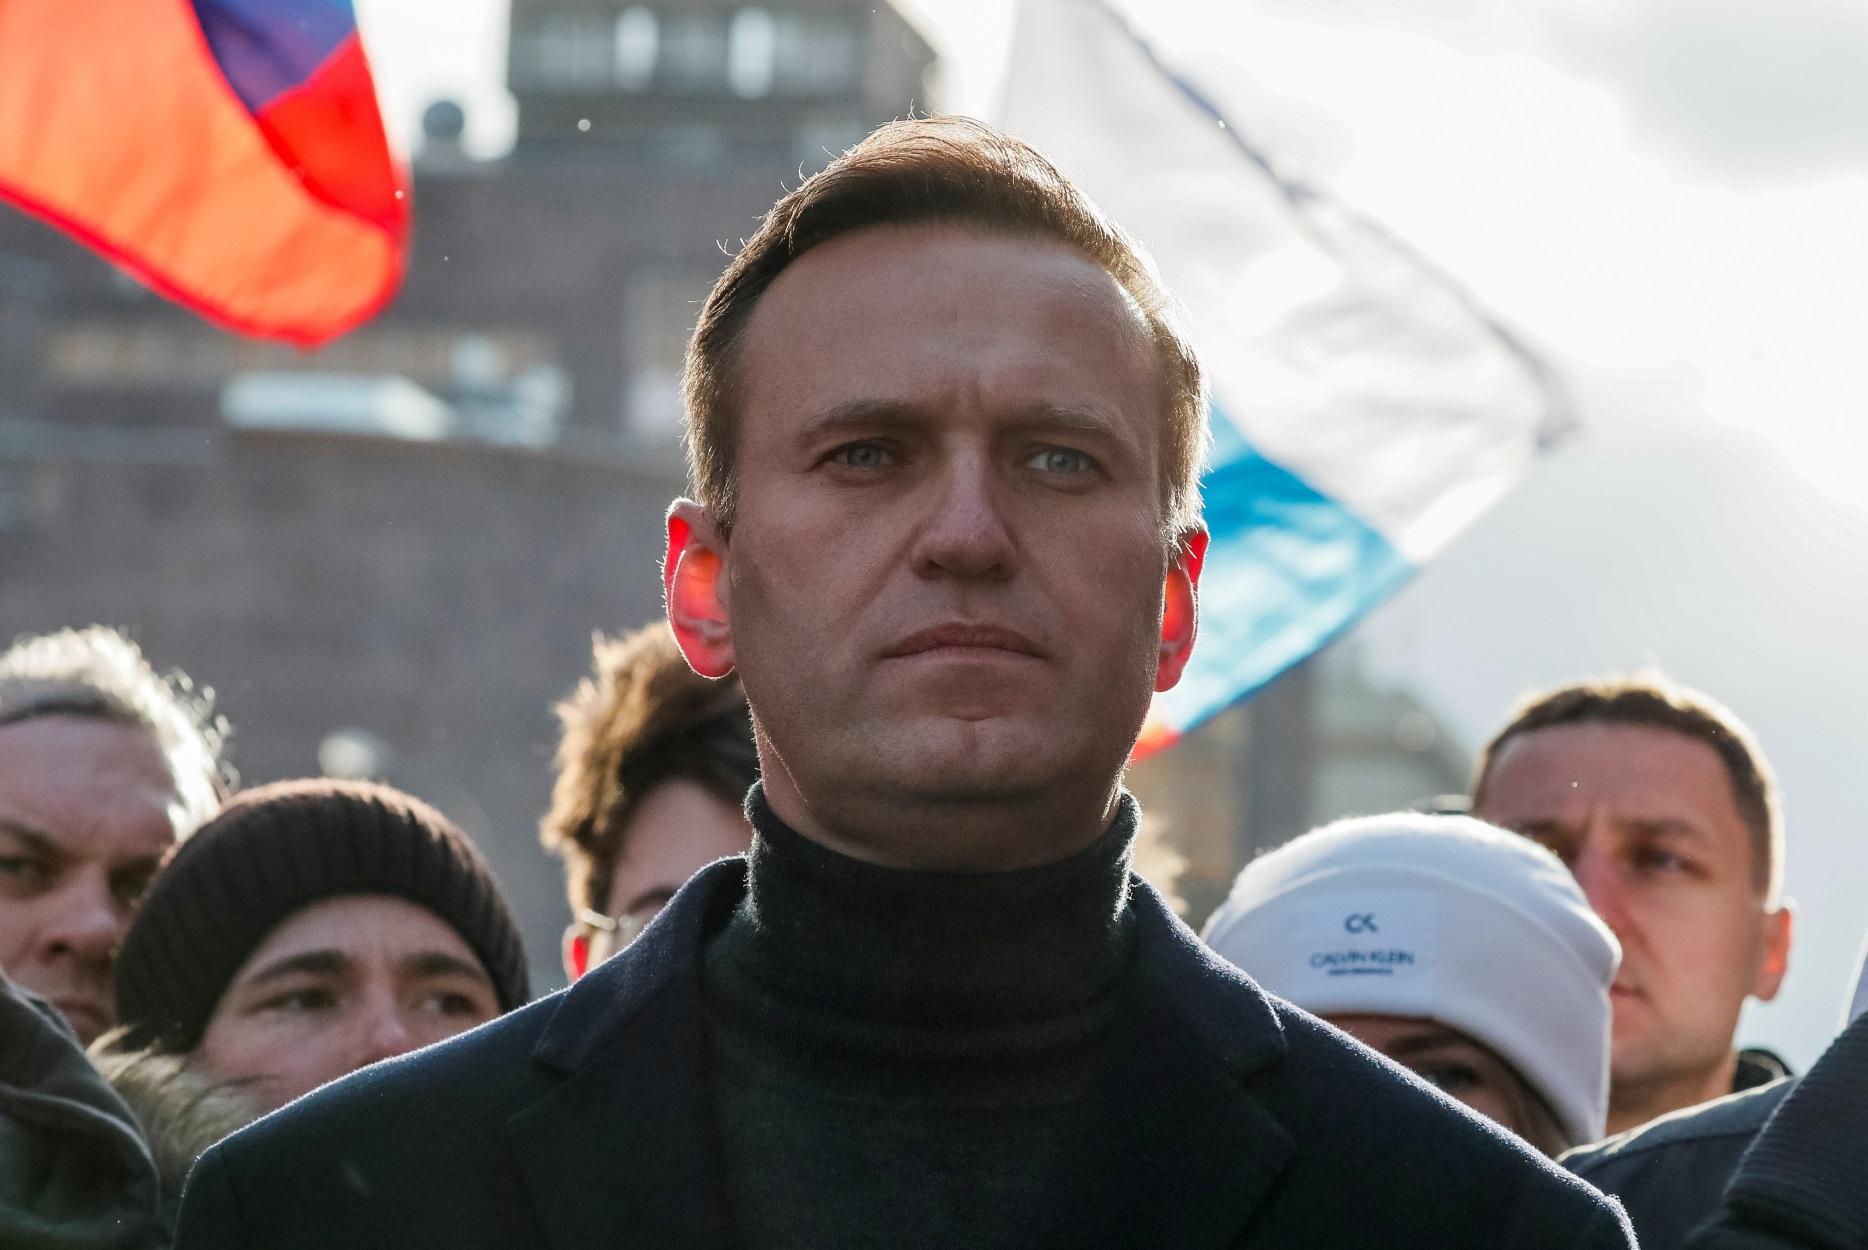 """Θρίλερ Ναβάλνι: Τη Μόσχα """"δείχνει"""" το Λονδίνο για τη δηλητηρίαση του Ρώσου πολέμιου του Πούτιν"""